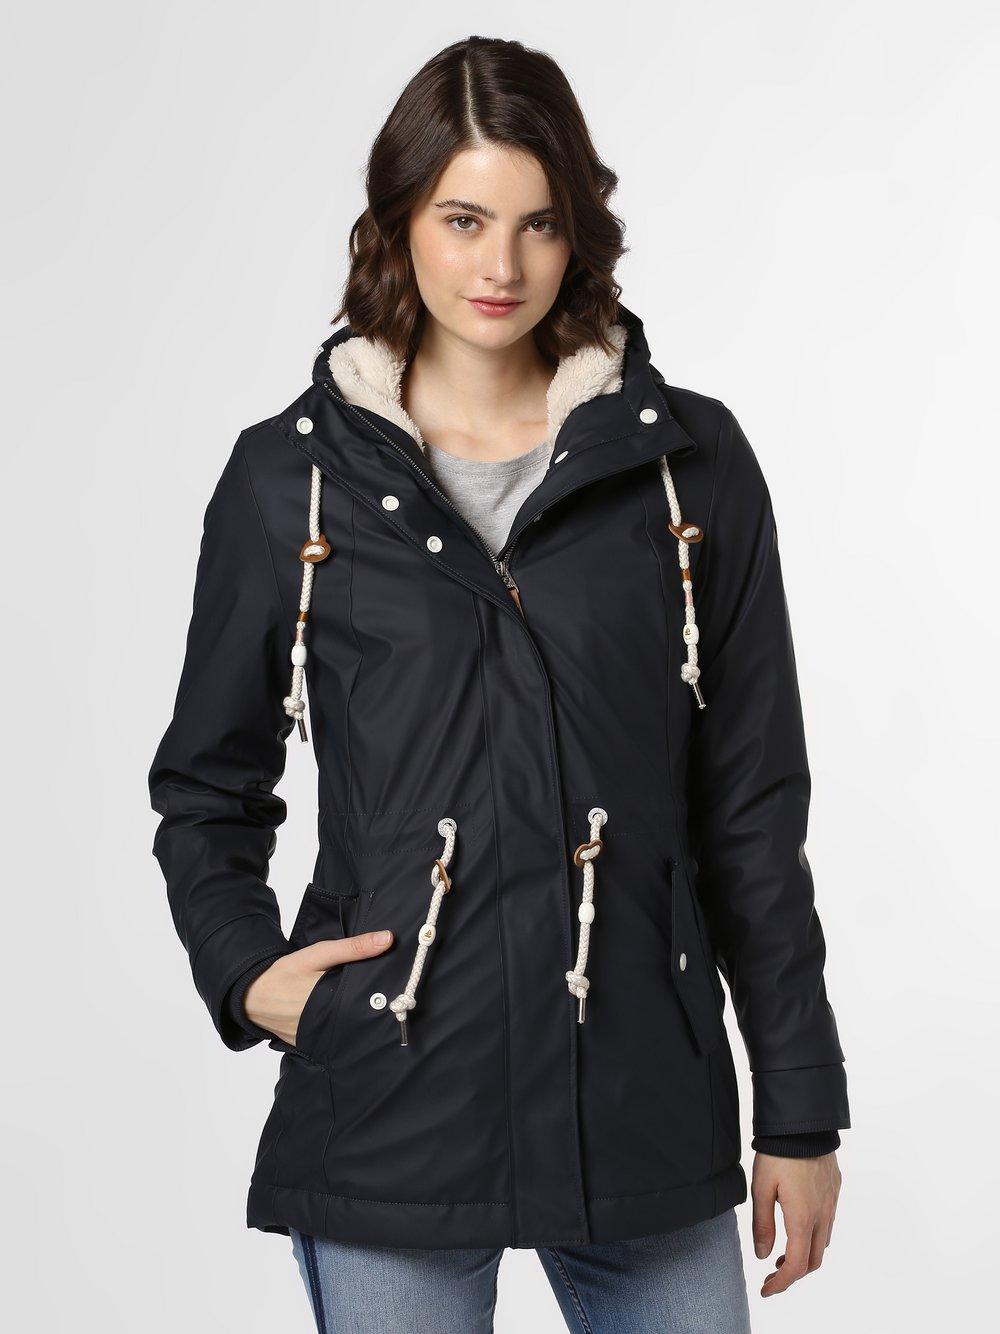 Ragwear – Kurtka damska – Monadis Rainy, niebieski Van Graaf 449112-0004-09920